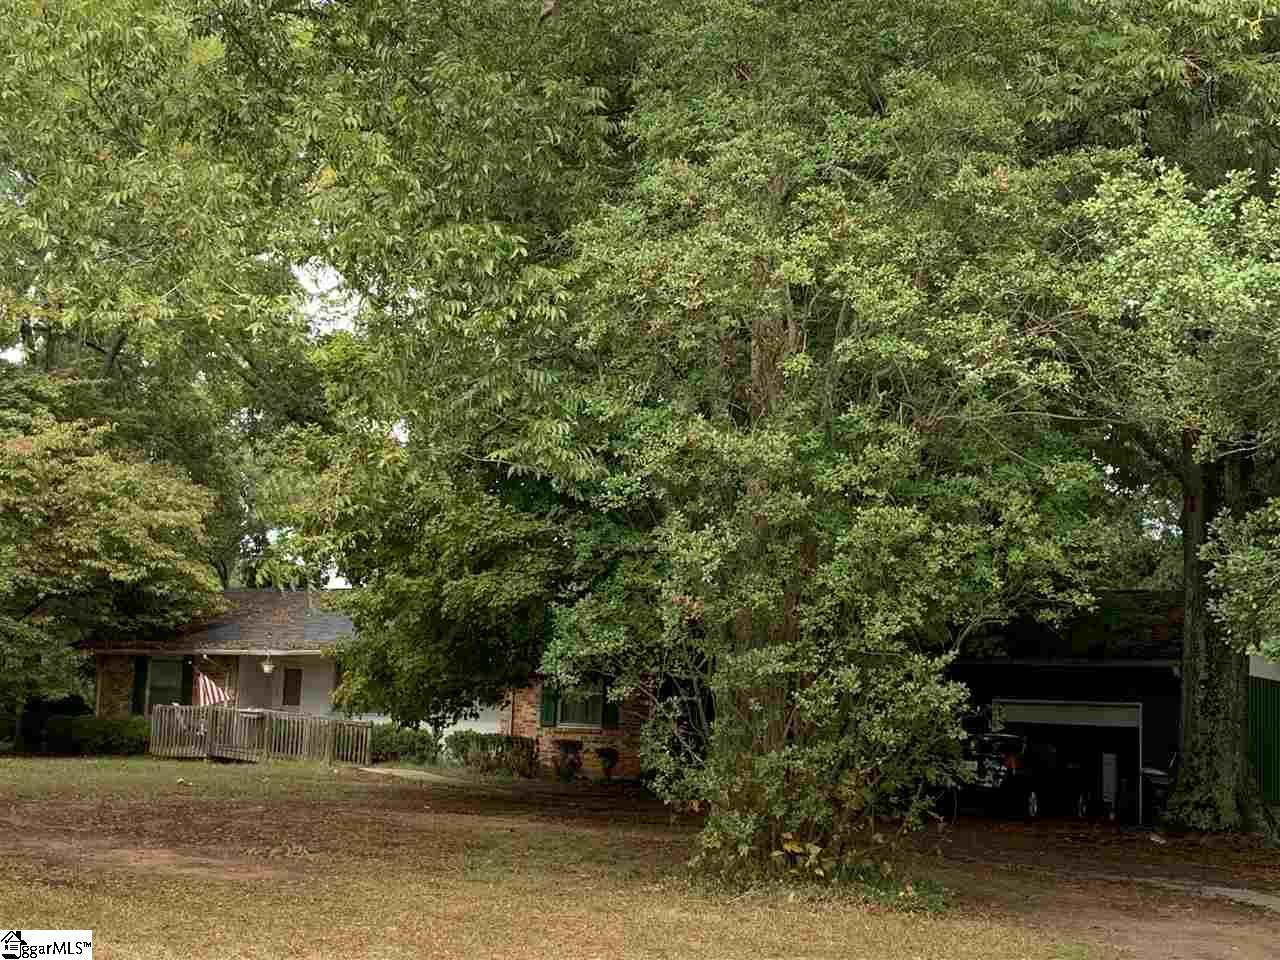 9781 Augusta Pelzer, SC 29669